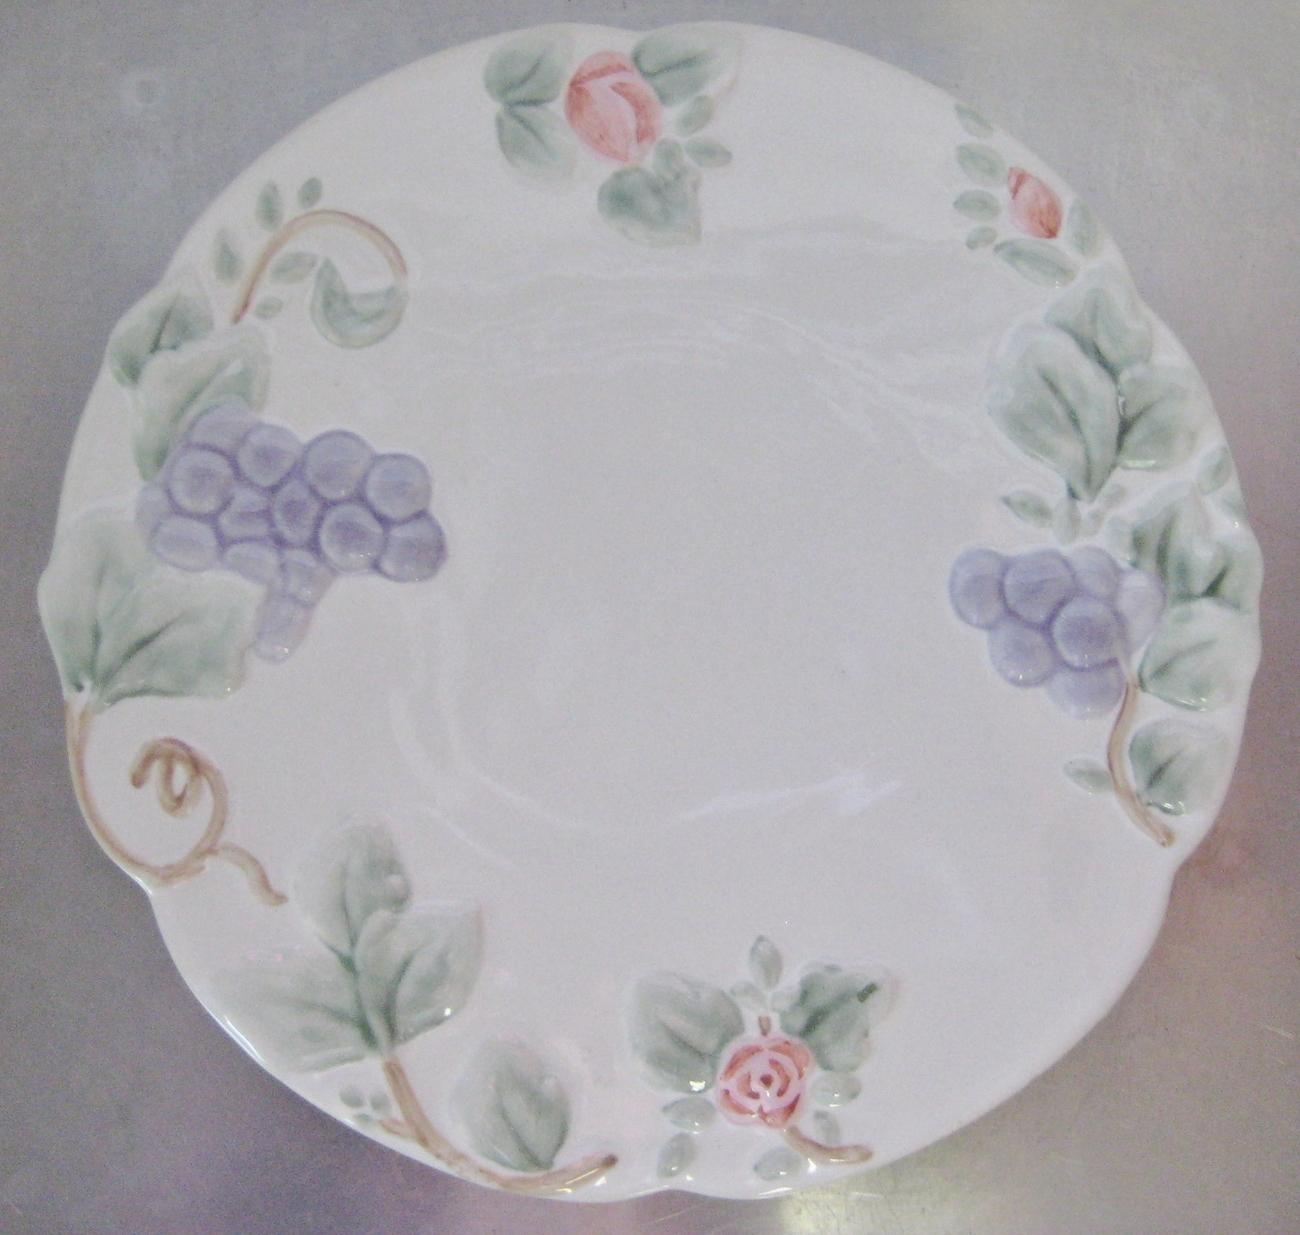 Pfaltzgraff Grapevine Round Trivet Hot Plate